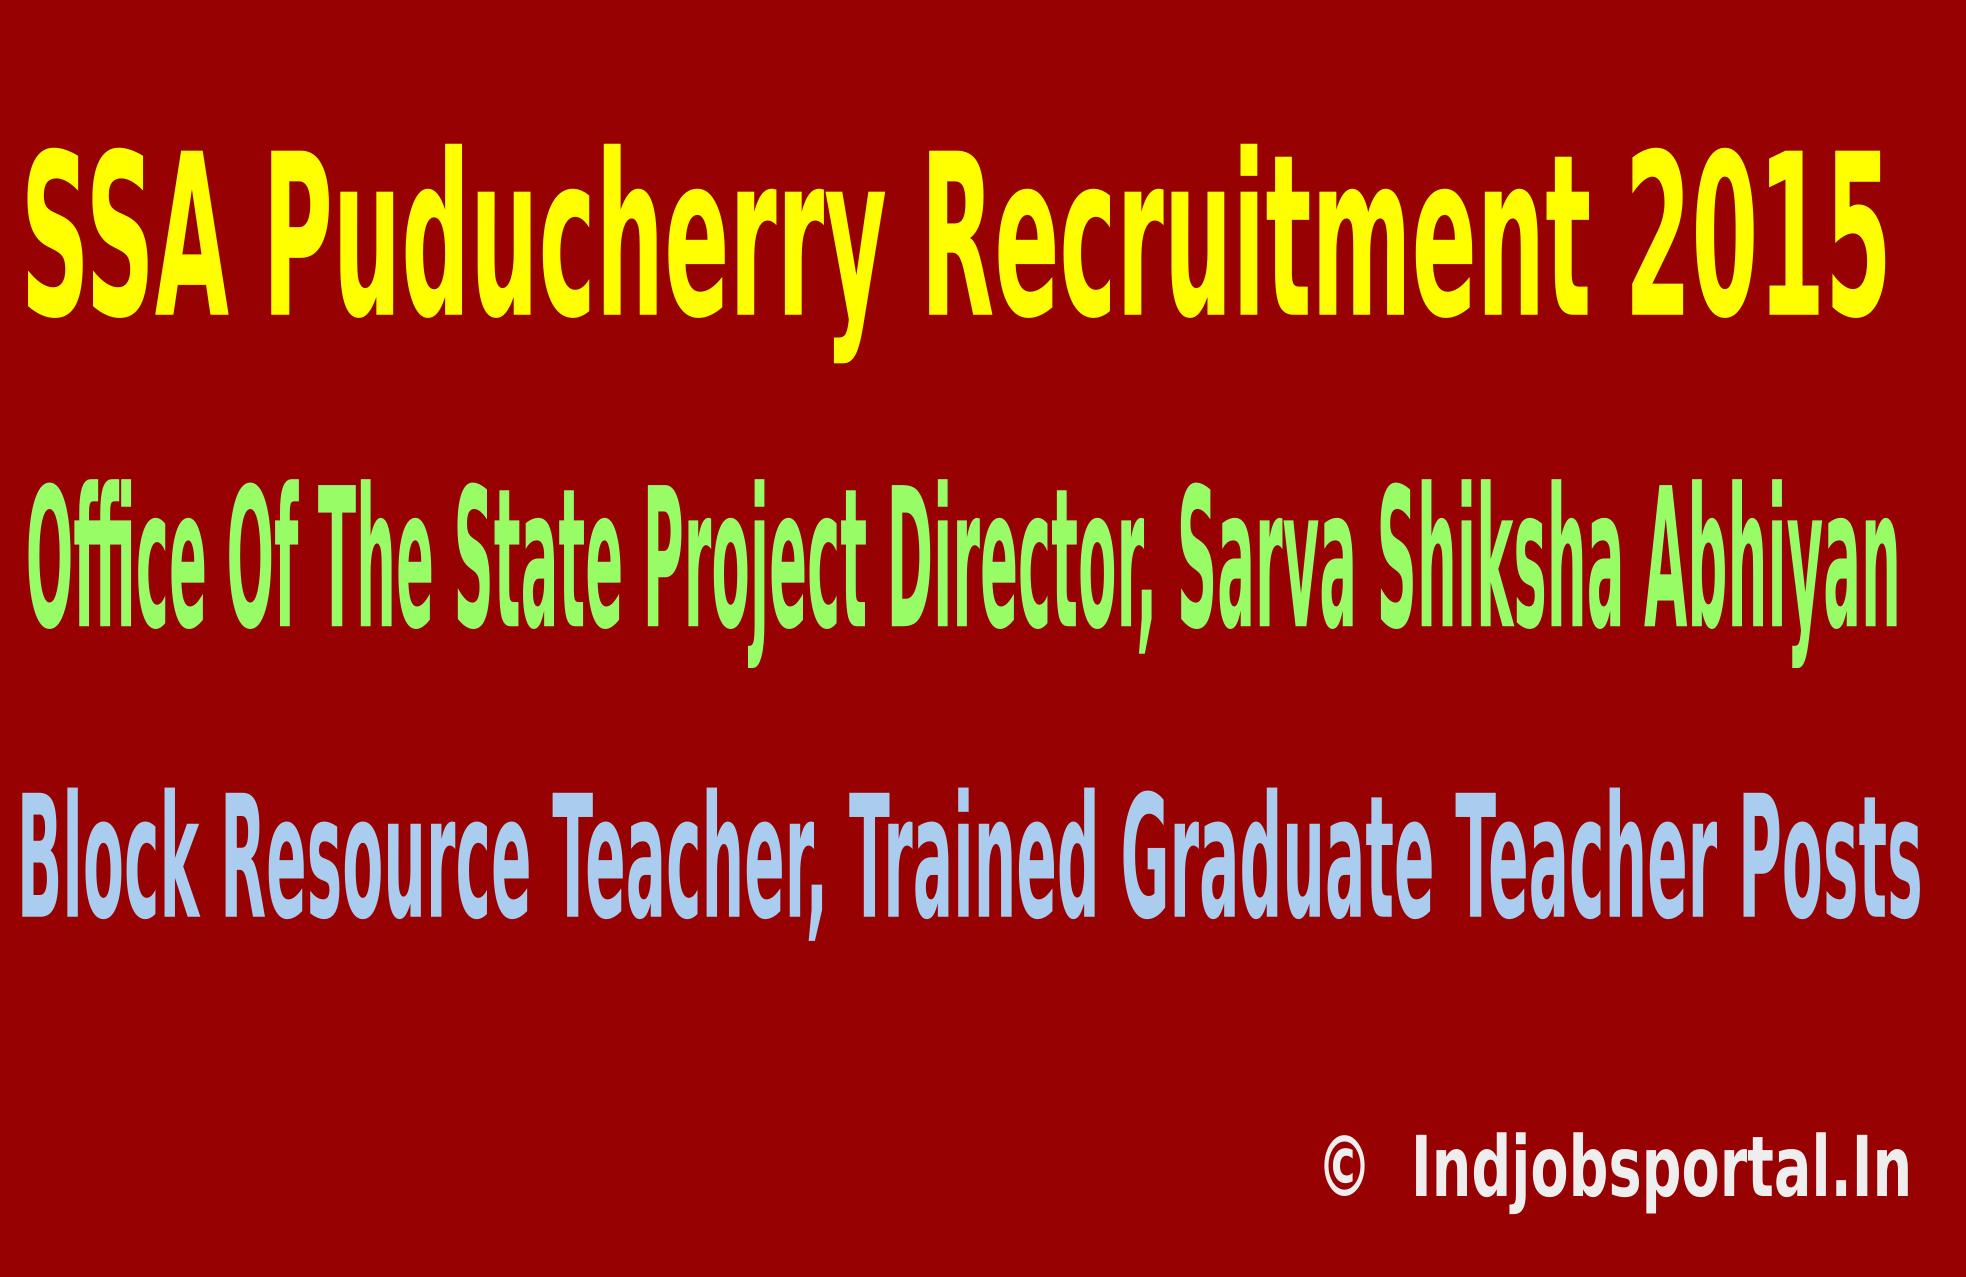 SSA Puducherry Recruitment 2015 Apply Online For 60 Block Resource Teacher,Trained Graduate Teacher Posts